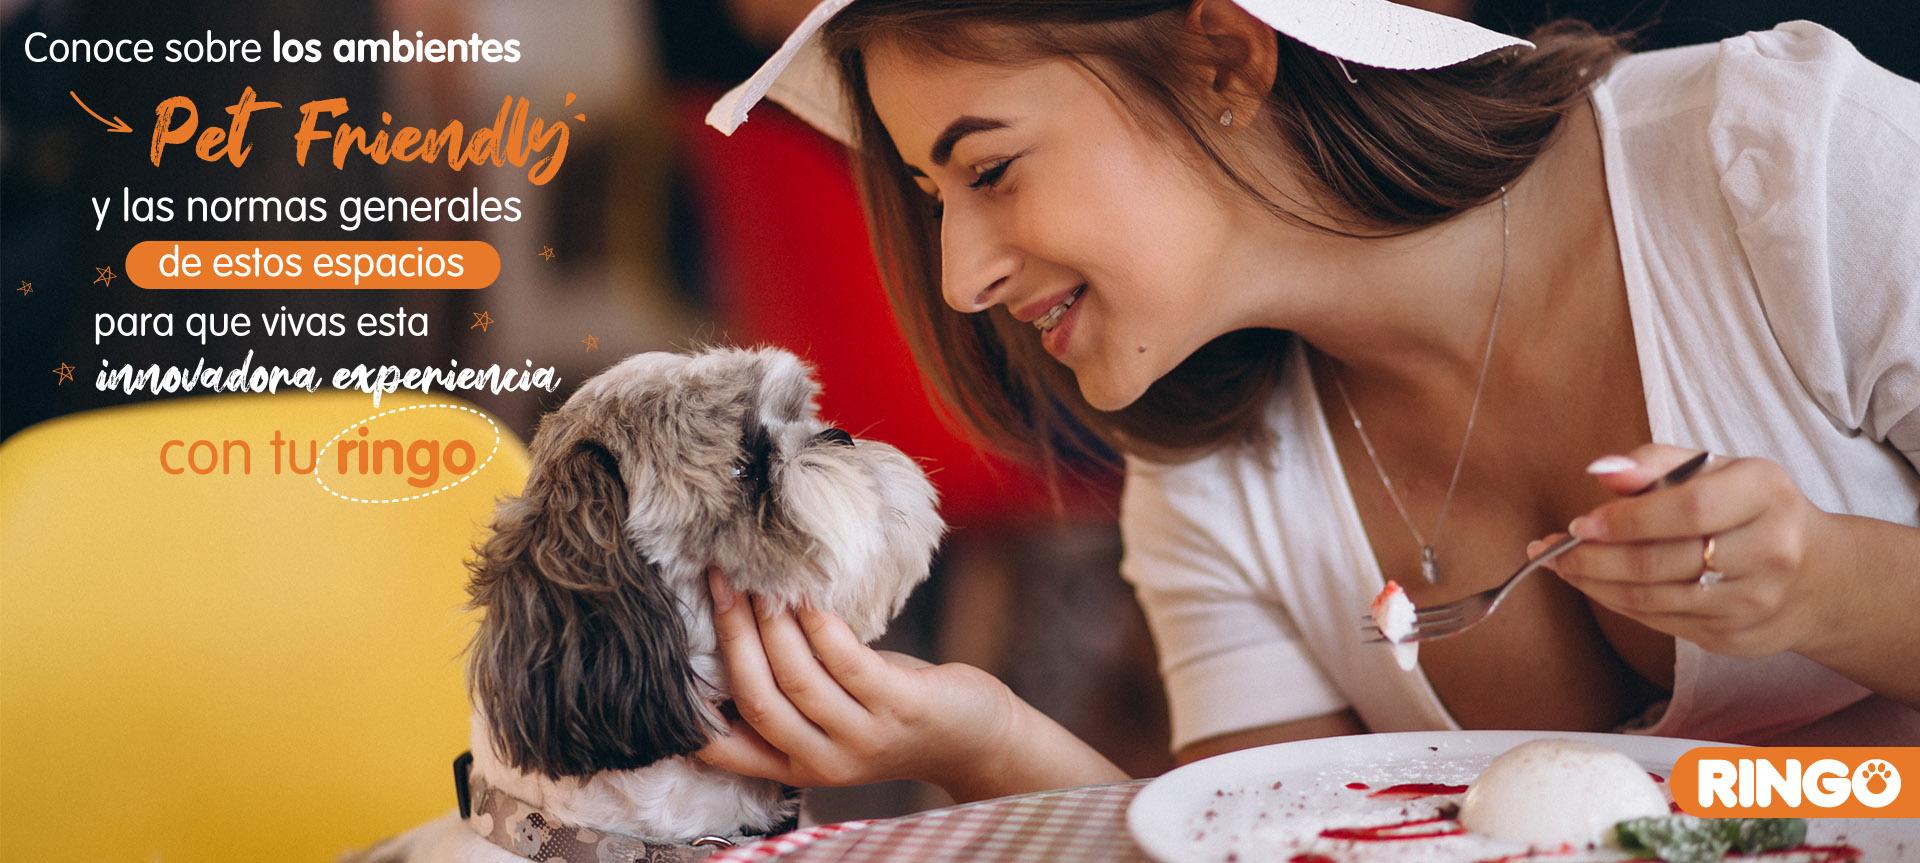 Ambientes Pet Friendly para perros